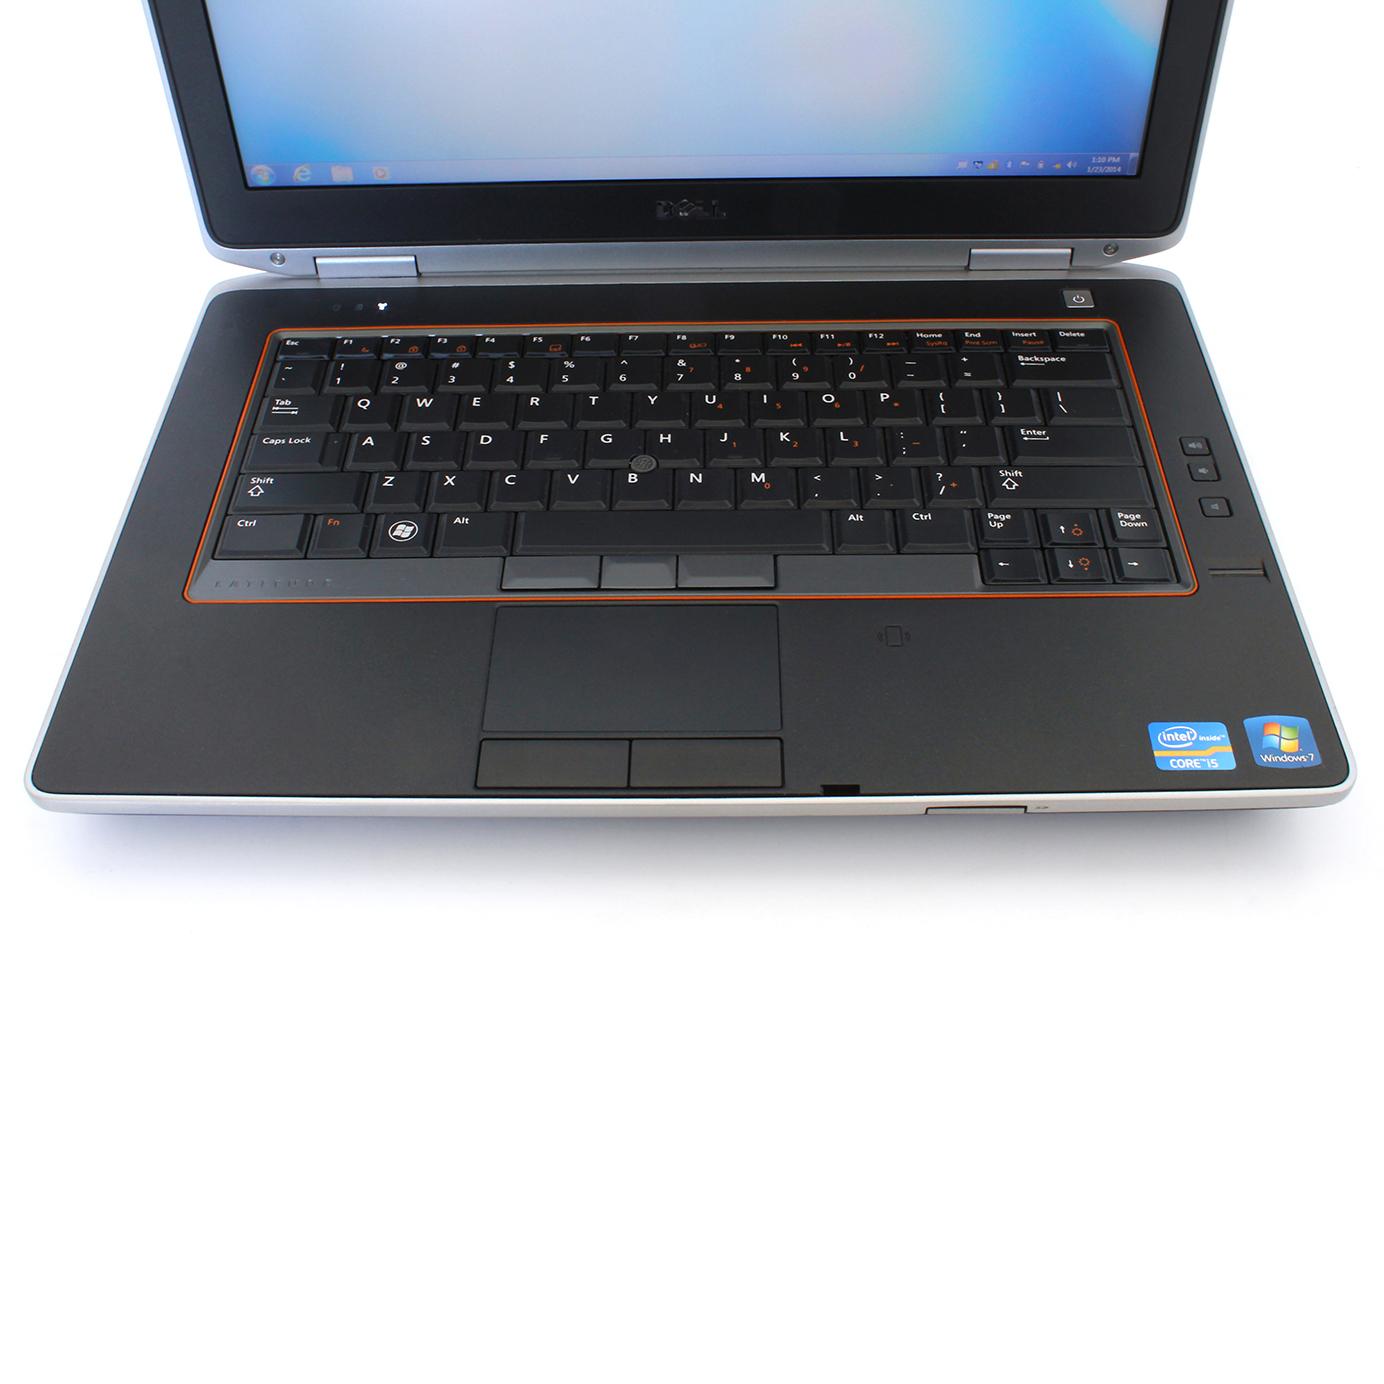 Dell 141 E6420 Laptop Core I5 25Ghz 4GB RAM 250GB